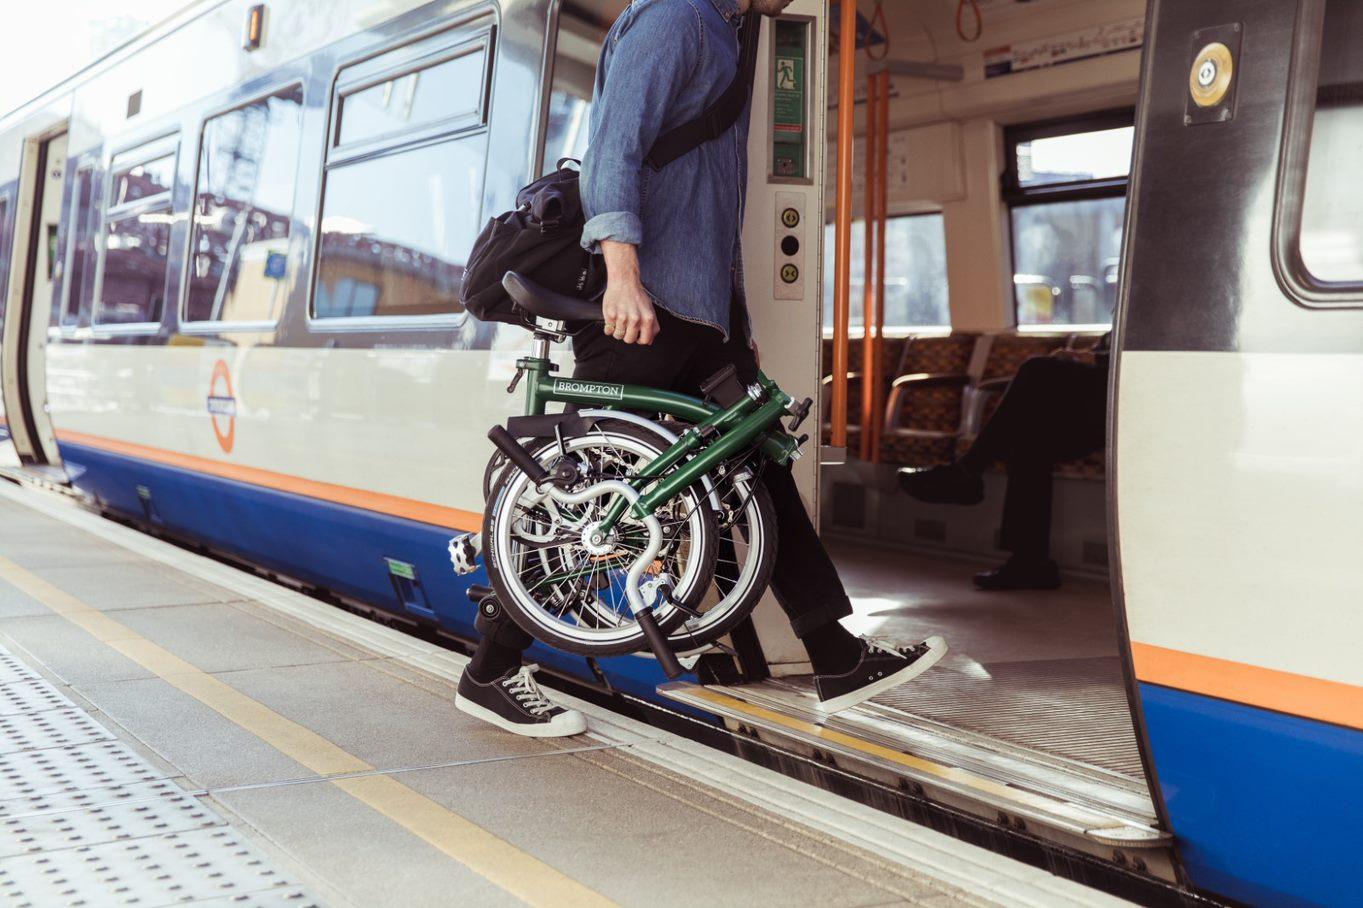 Brompton Bicycle — Falten für mehr urbane Lebensqualität